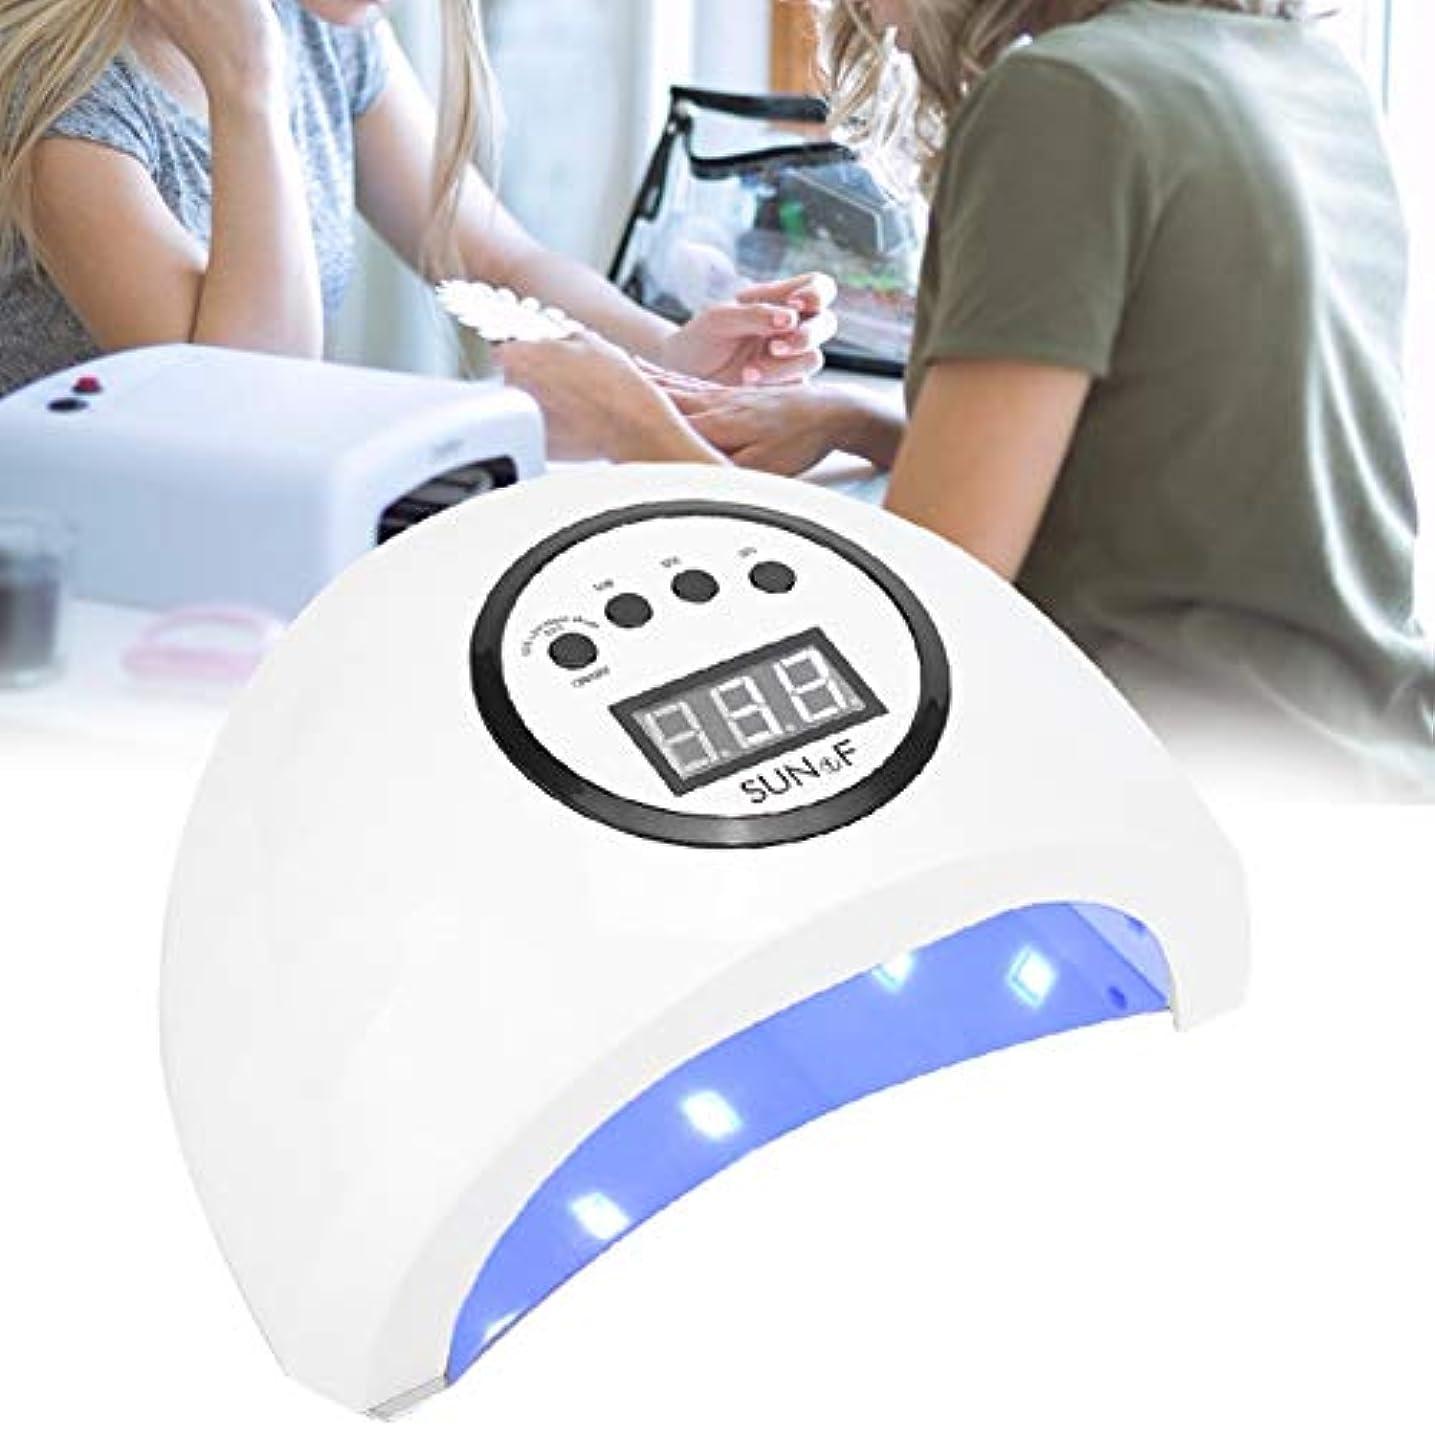 インディカ踏みつけ称賛48W LEDネイルランプ、ジェルネイルポリッシュドライヤー、クイックドライネイルマシン(米国)